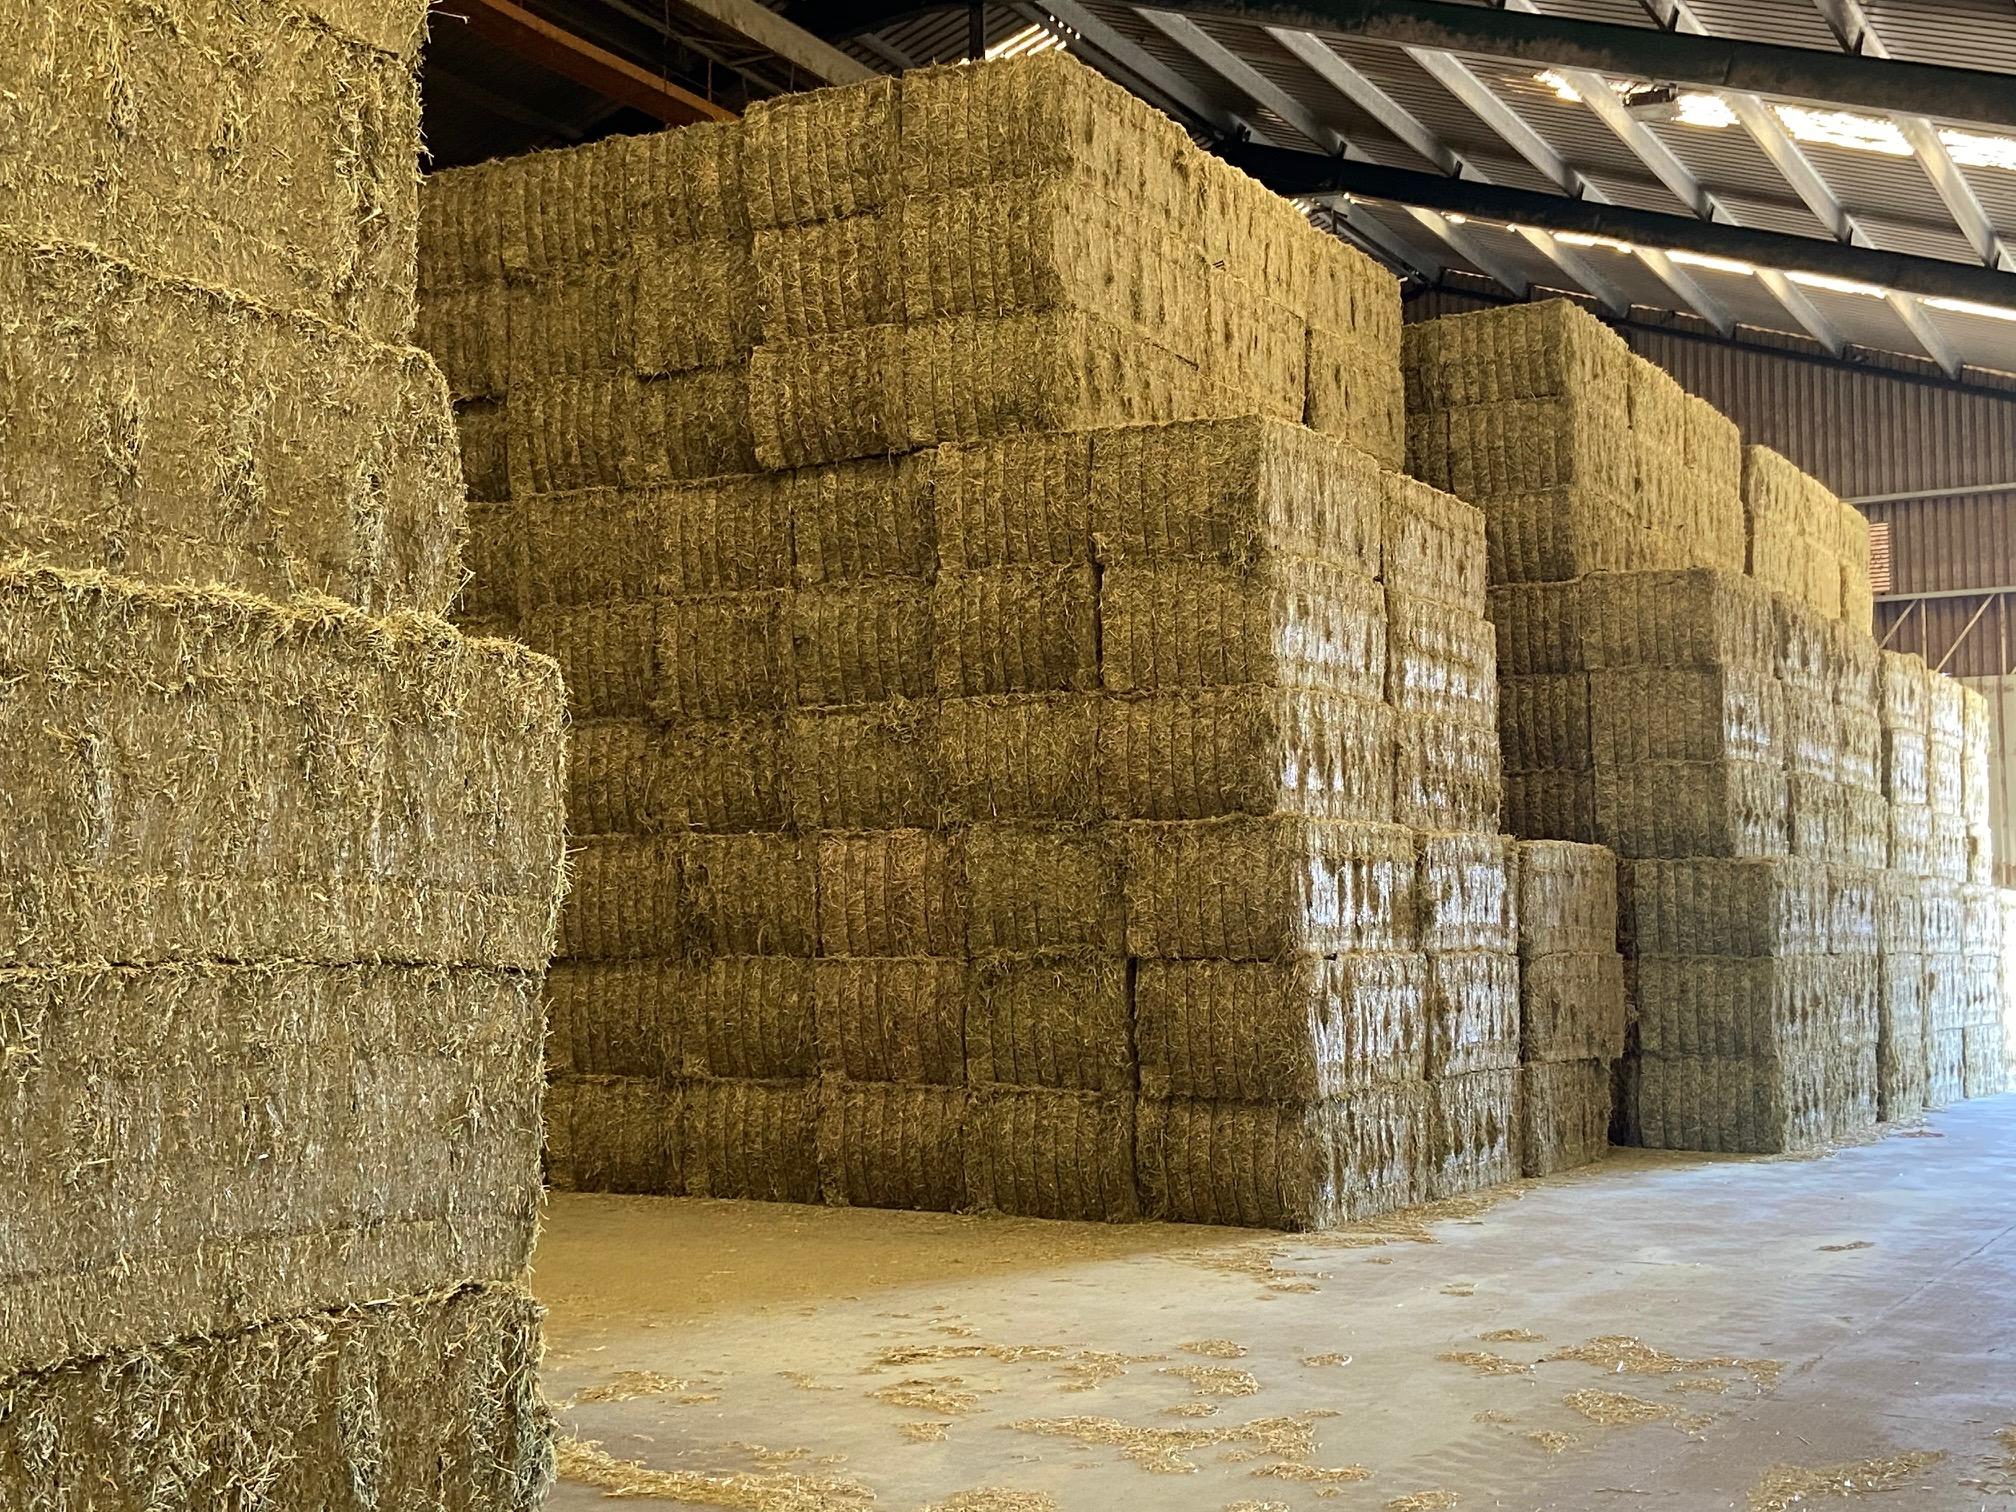 La alfalfa deshidratada española se exportó a más de 55 países en la campaña 2020-21